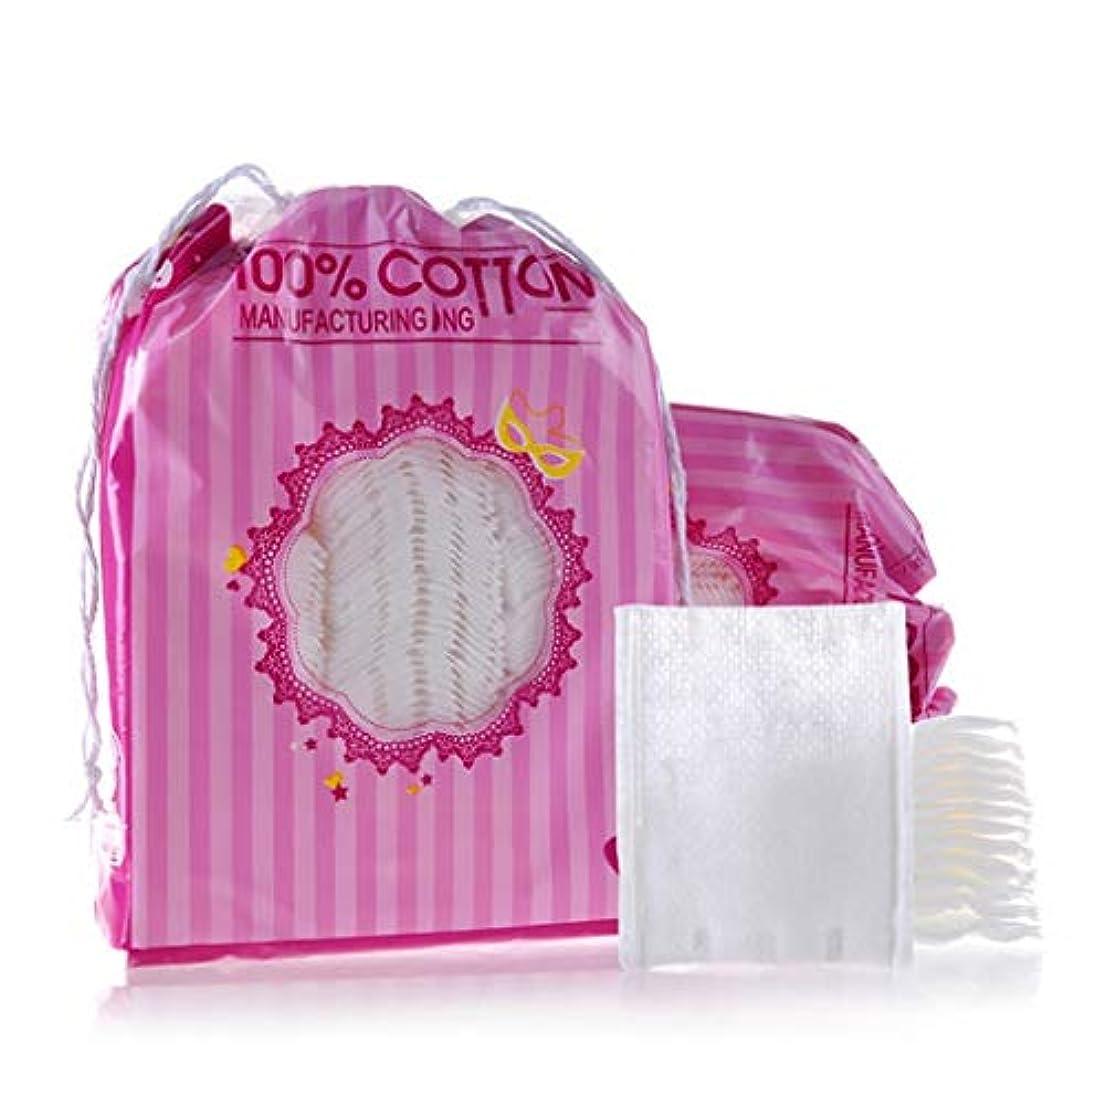 ラインナップ可能にする未就学クレンジングシート 200ピースコットンメイクアップリムーバーパッドソフトオーガニックネイルポリッシュワイプ両面フェイスクレンジング美容化粧品パッド (Color : White)